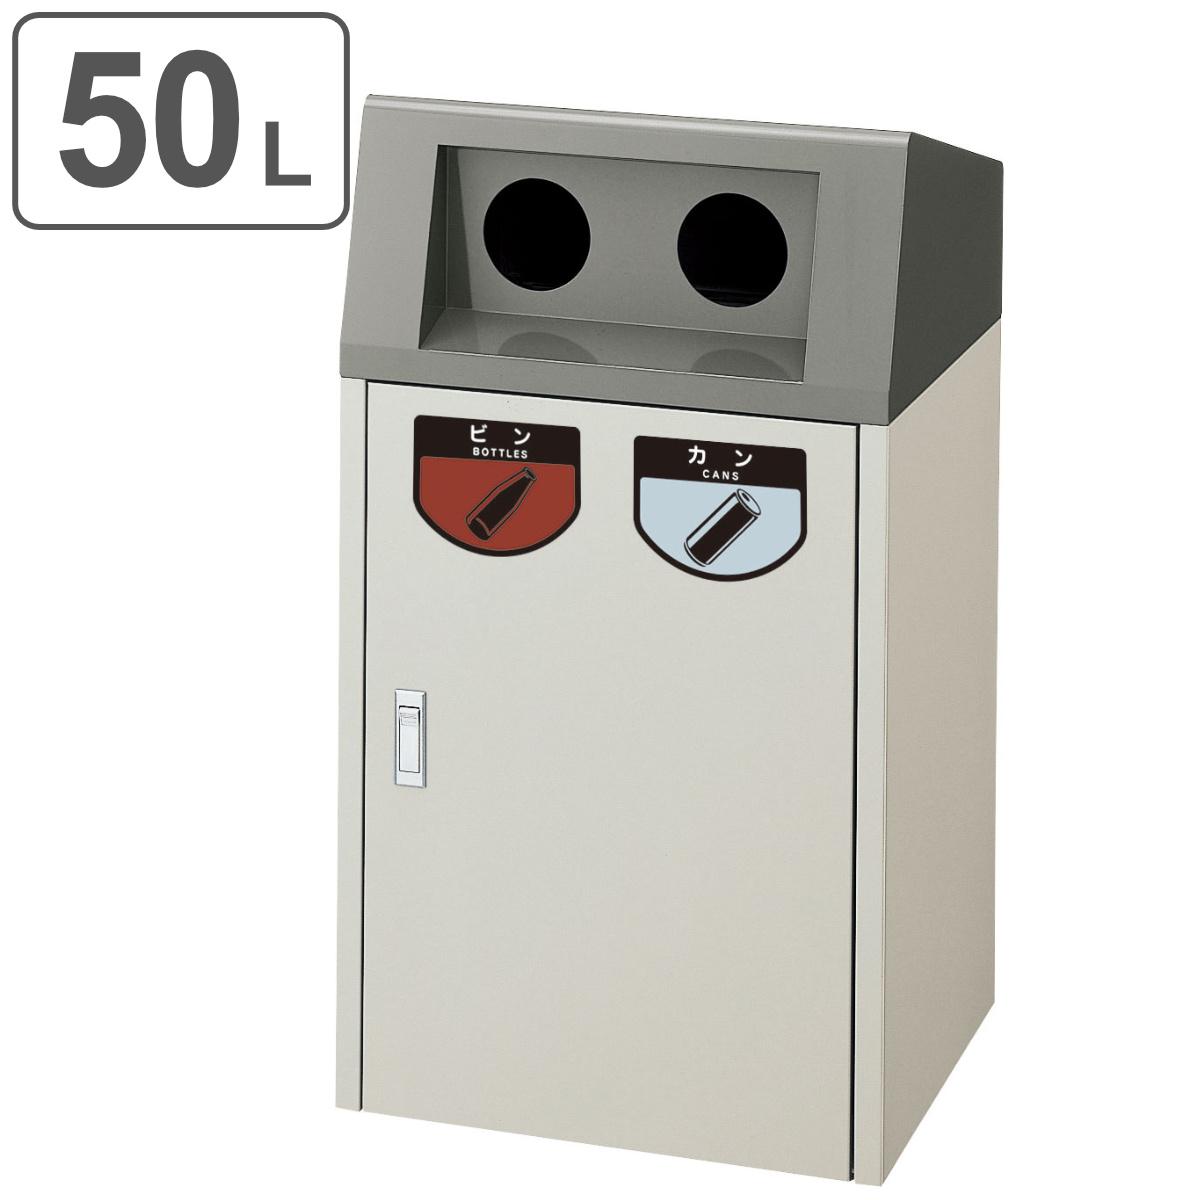 ゴミ箱 リサイクルボックス F-2 送料無料 【4500円以上送料無料】